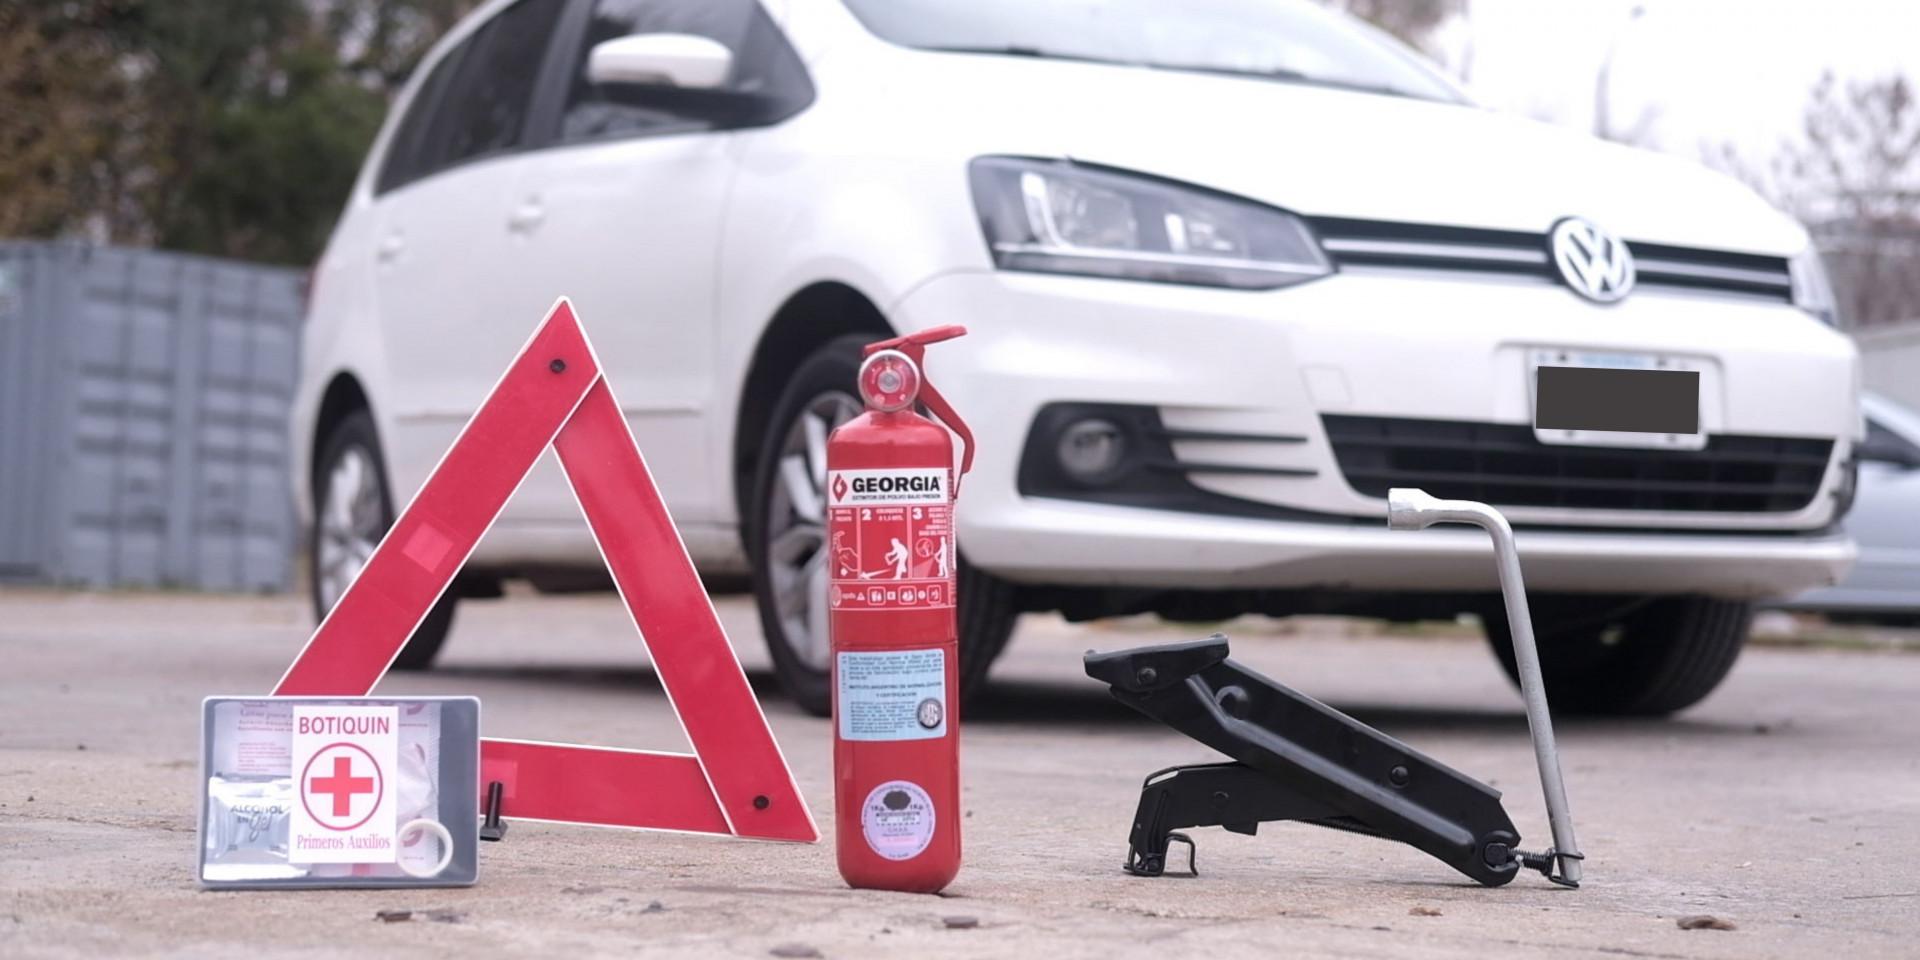 Semana de la Seguridad Vehicular: la importancia de chequear el vehículo | Garantia Plus